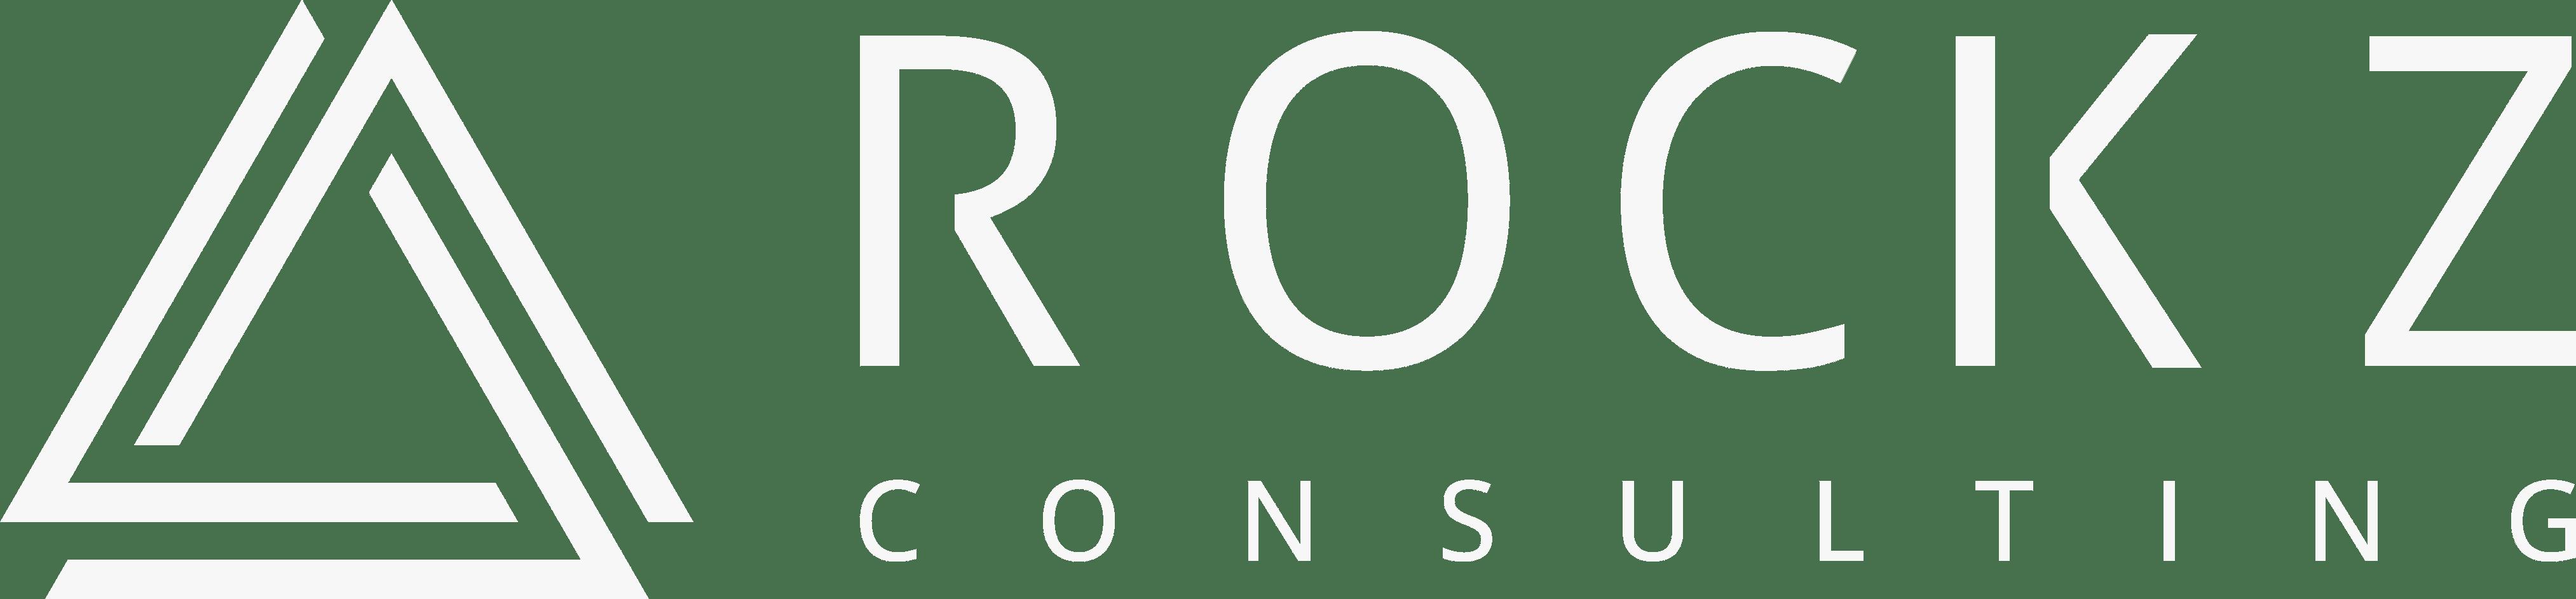 ROCKZ Consulting - Logo - Weißes Symbol und weiße Schrift